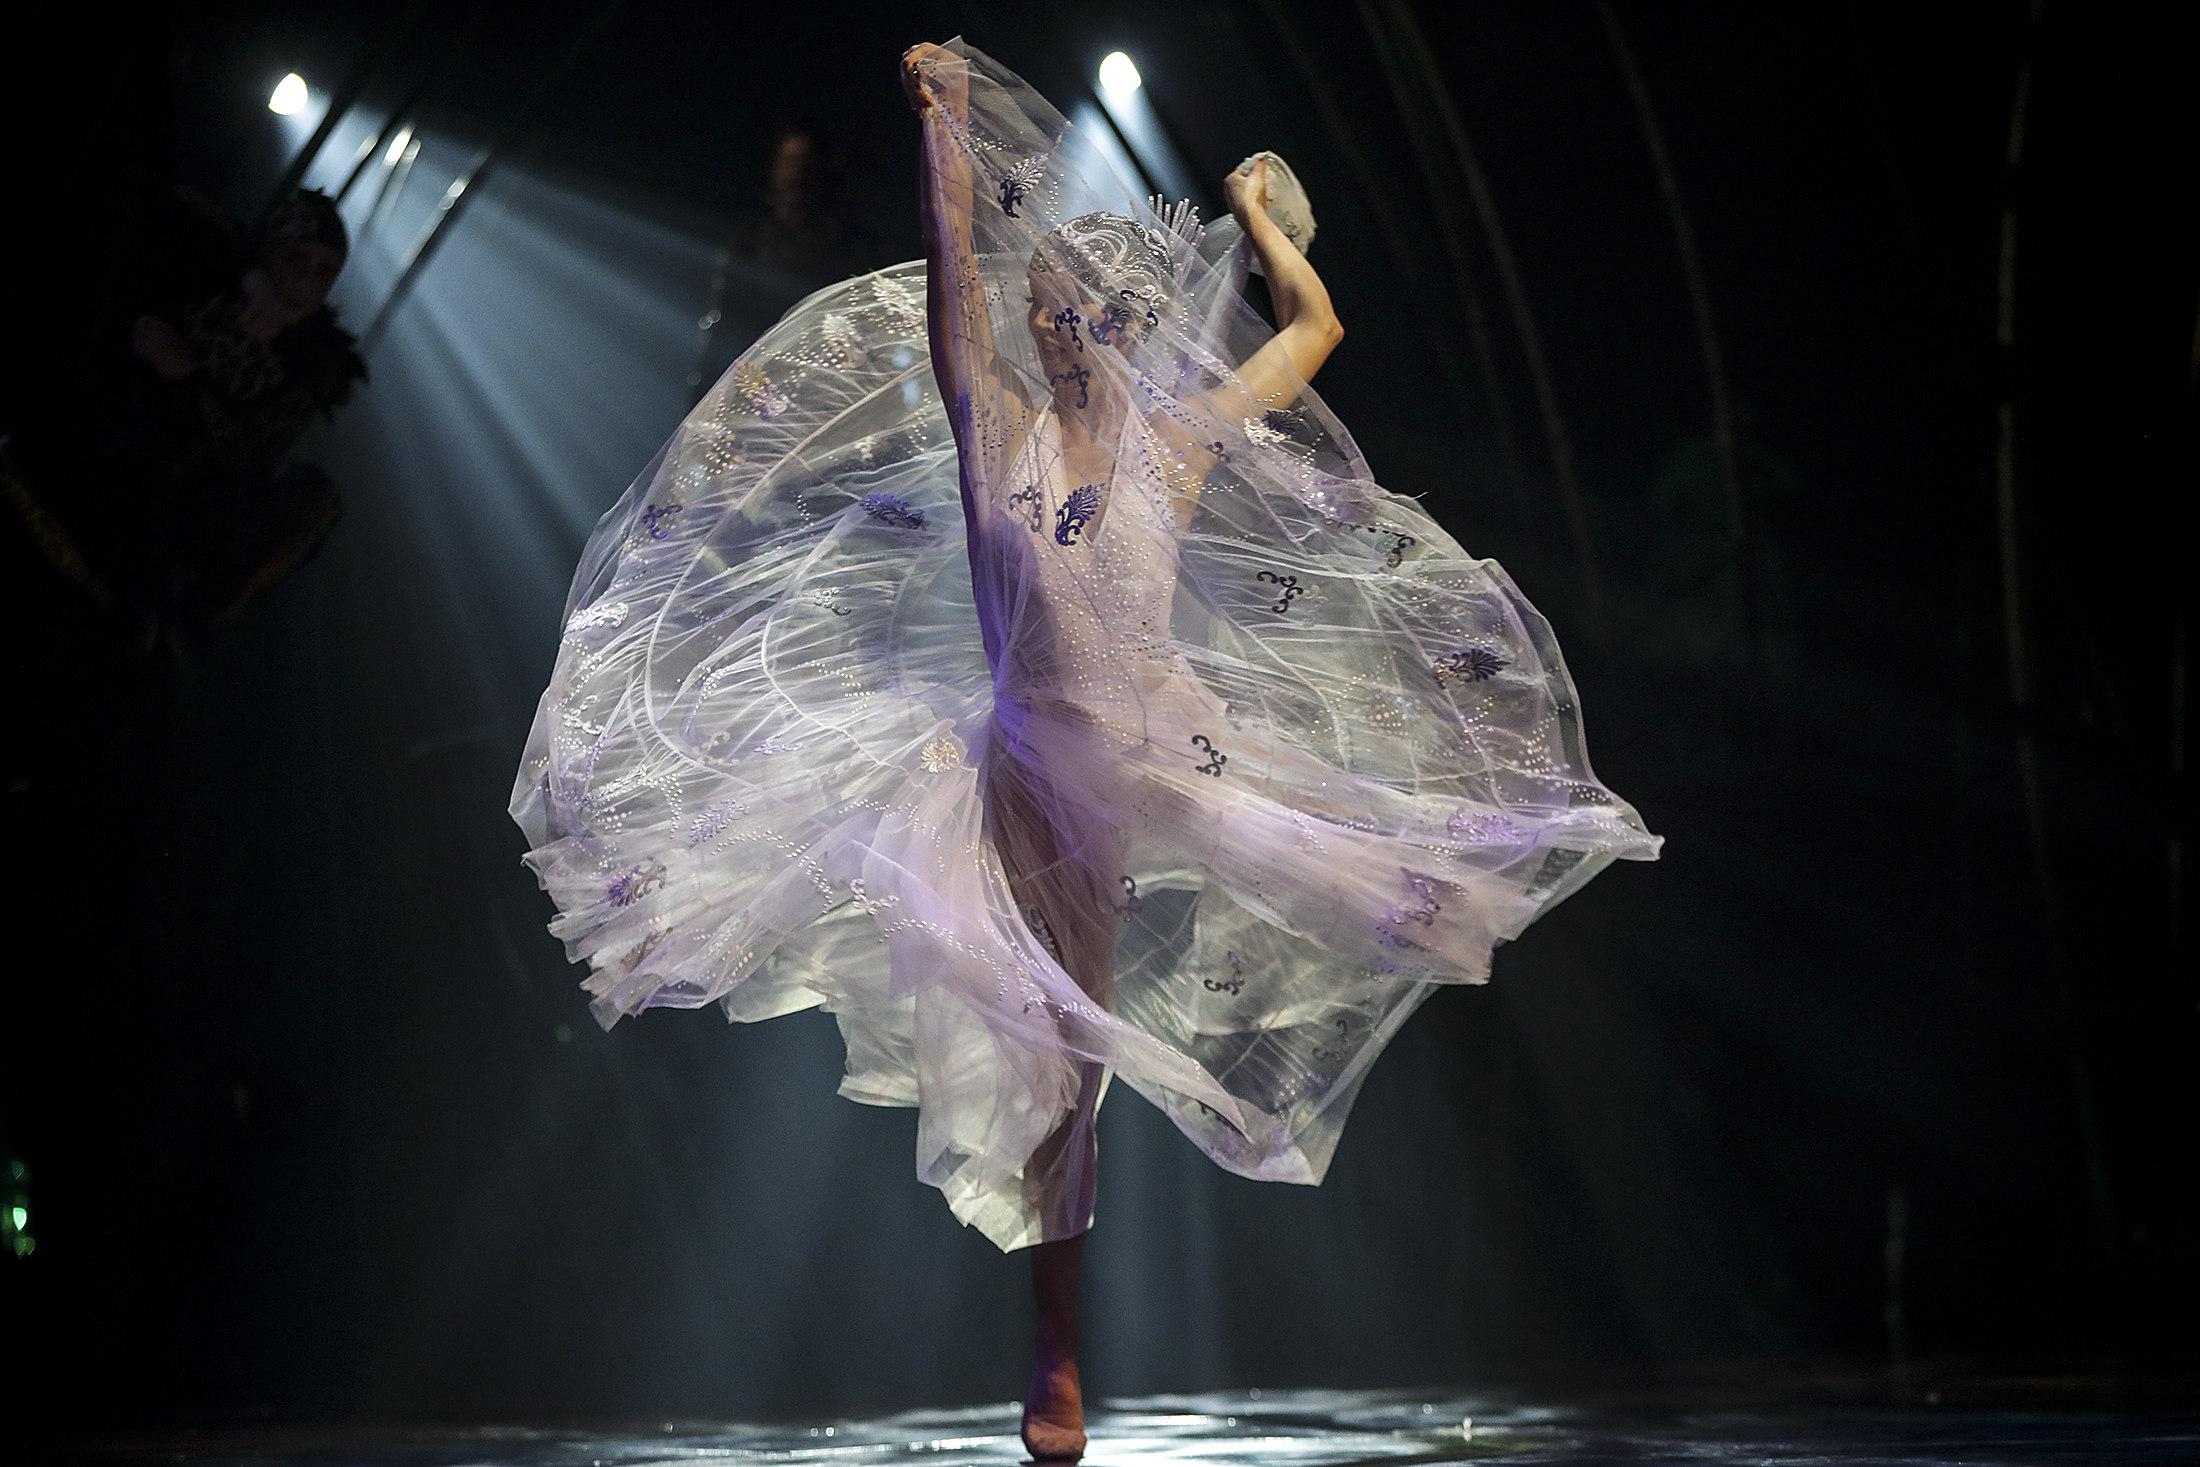 Espectacle Amaluna del Cirque du Soleil a Rio de Janeiro (Brasil) / ANTONIO LACERDA